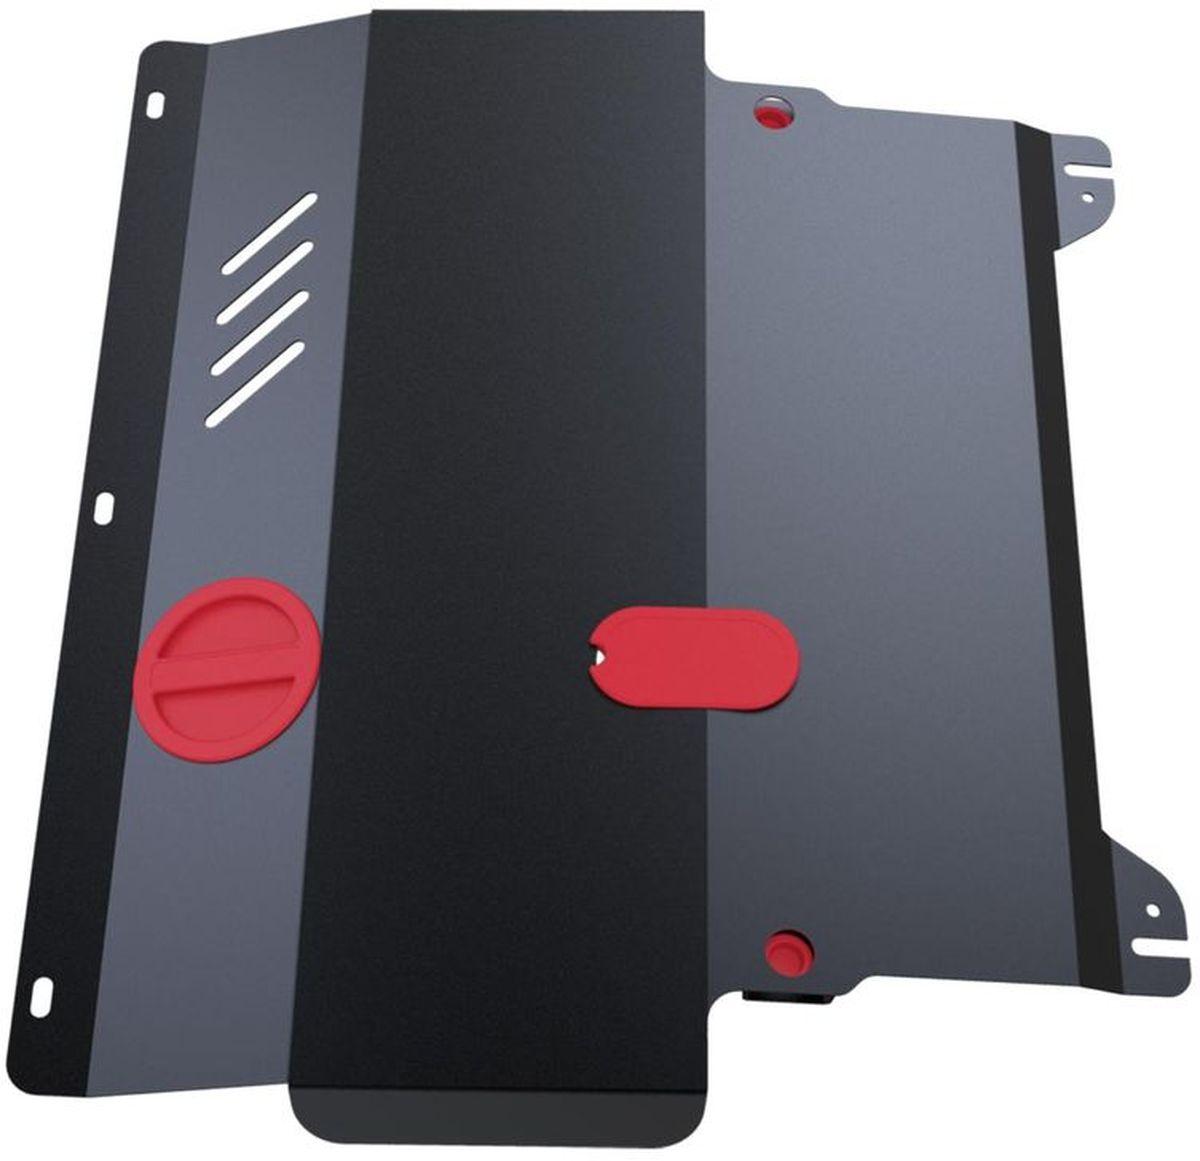 Защита картера и КПП Автоброня Skoda Octavia A7 2013-, сталь 2 мм111.05114.1Защита картера и КПП Автоброня Skoda Octavia A7, V - 1,4TFSI; 1,8TSI; 1,6MPI; 2,0TDI 2013-, сталь 2 мм, комплект крепежа, 111.05114.1Стальные защиты Автоброня надежно защищают ваш автомобиль от повреждений при наезде на бордюры, выступающие канализационные люки, кромки поврежденного асфальта или при ремонте дорог, не говоря уже о загородных дорогах.- Имеют оптимальное соотношение цена-качество.- Спроектированы с учетом особенностей автомобиля, что делает установку удобной.- Защита устанавливается в штатные места кузова автомобиля.- Является надежной защитой для важных элементов на протяжении долгих лет.- Глубокий штамп дополнительно усиливает конструкцию защиты.- Подштамповка в местах крепления защищает крепеж от срезания.- Технологические отверстия там, где они необходимы для смены масла и слива воды, оборудованные заглушками, закрепленными на защите.Толщина стали 2 мм.В комплекте крепеж и инструкция по установке.Уважаемые клиенты!Обращаем ваше внимание на тот факт, что защита имеет форму, соответствующую модели данного автомобиля. Наличие глубокого штампа и лючков для смены фильтров/масла предусмотрено не на всех защитах. Фото служит для визуального восприятия товара.